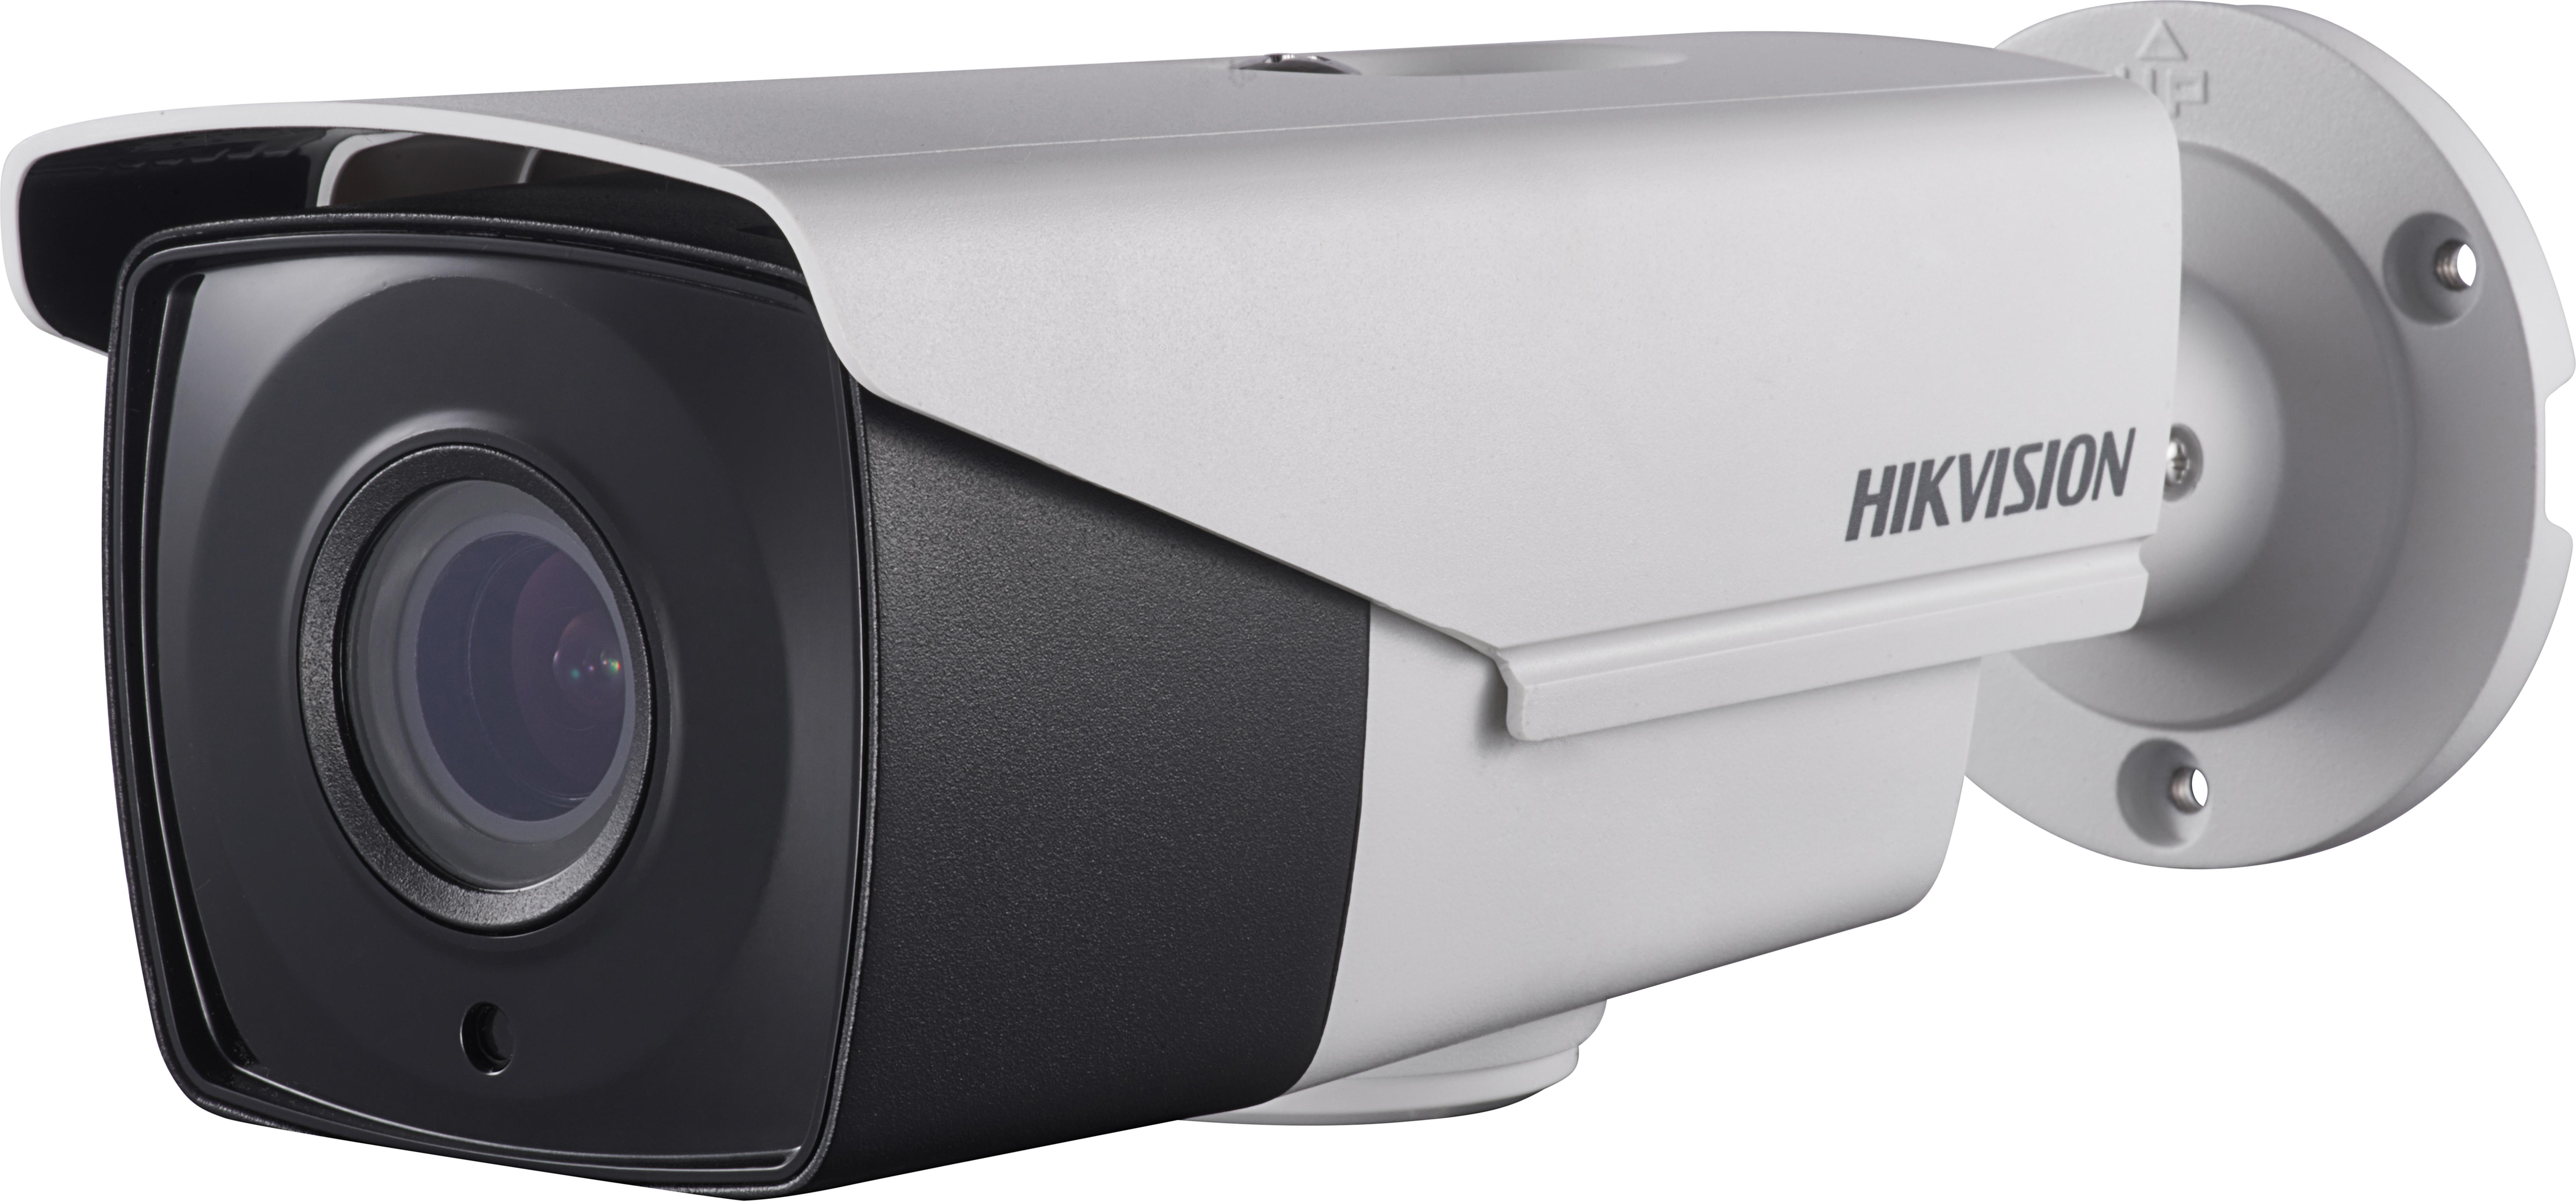 Hikvision DS-2CE16D8T-AIT3Z 2.8-12mm